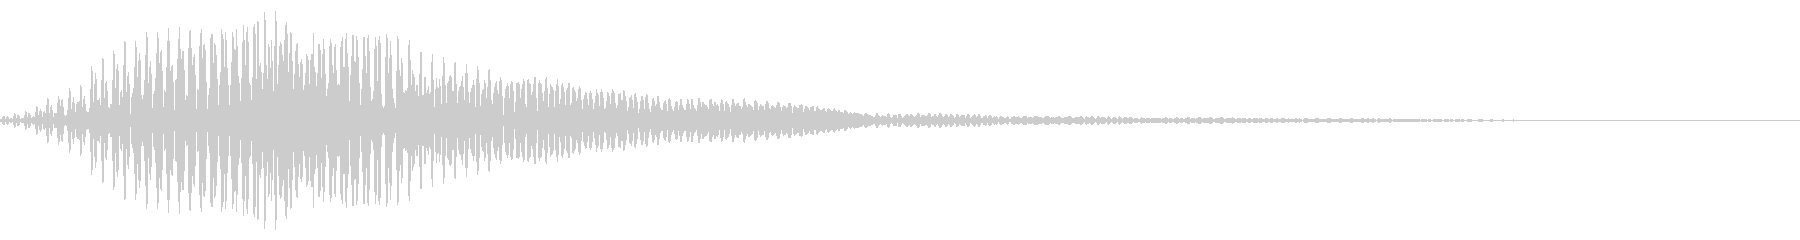 【ドラム】ゴロゴロ・・・の未再生の波形